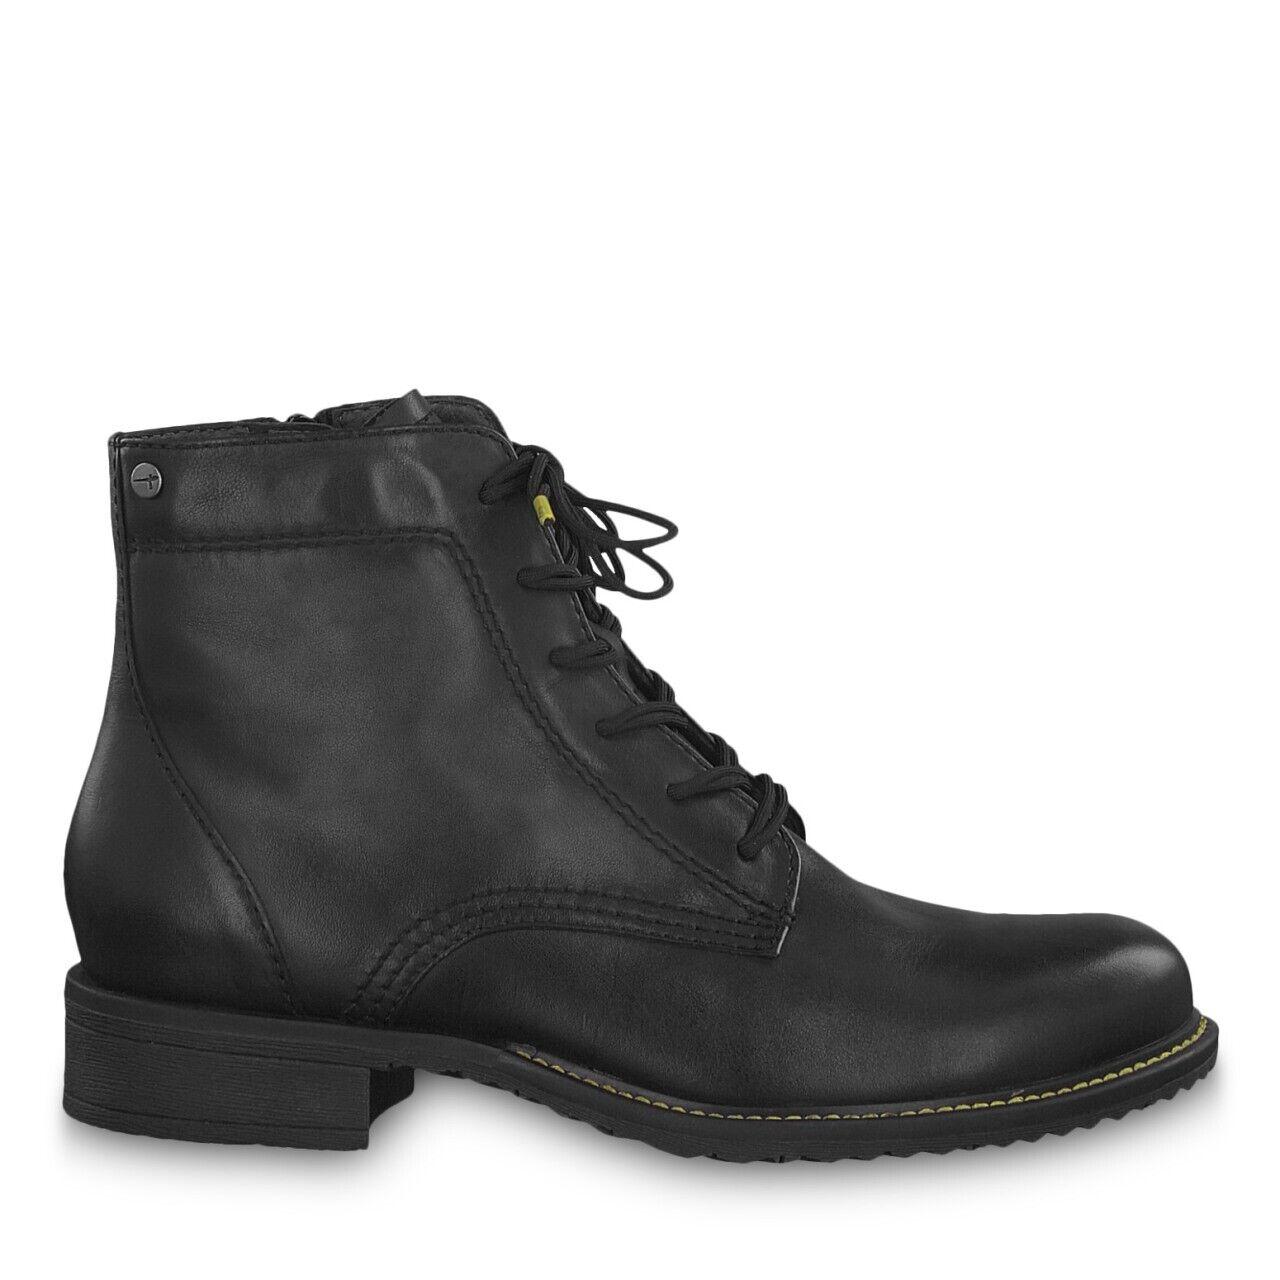 Tamaris 1-1-25210-23 001 Schuhe Damen Leder Stiefeletten SchnürStiefel schwarz